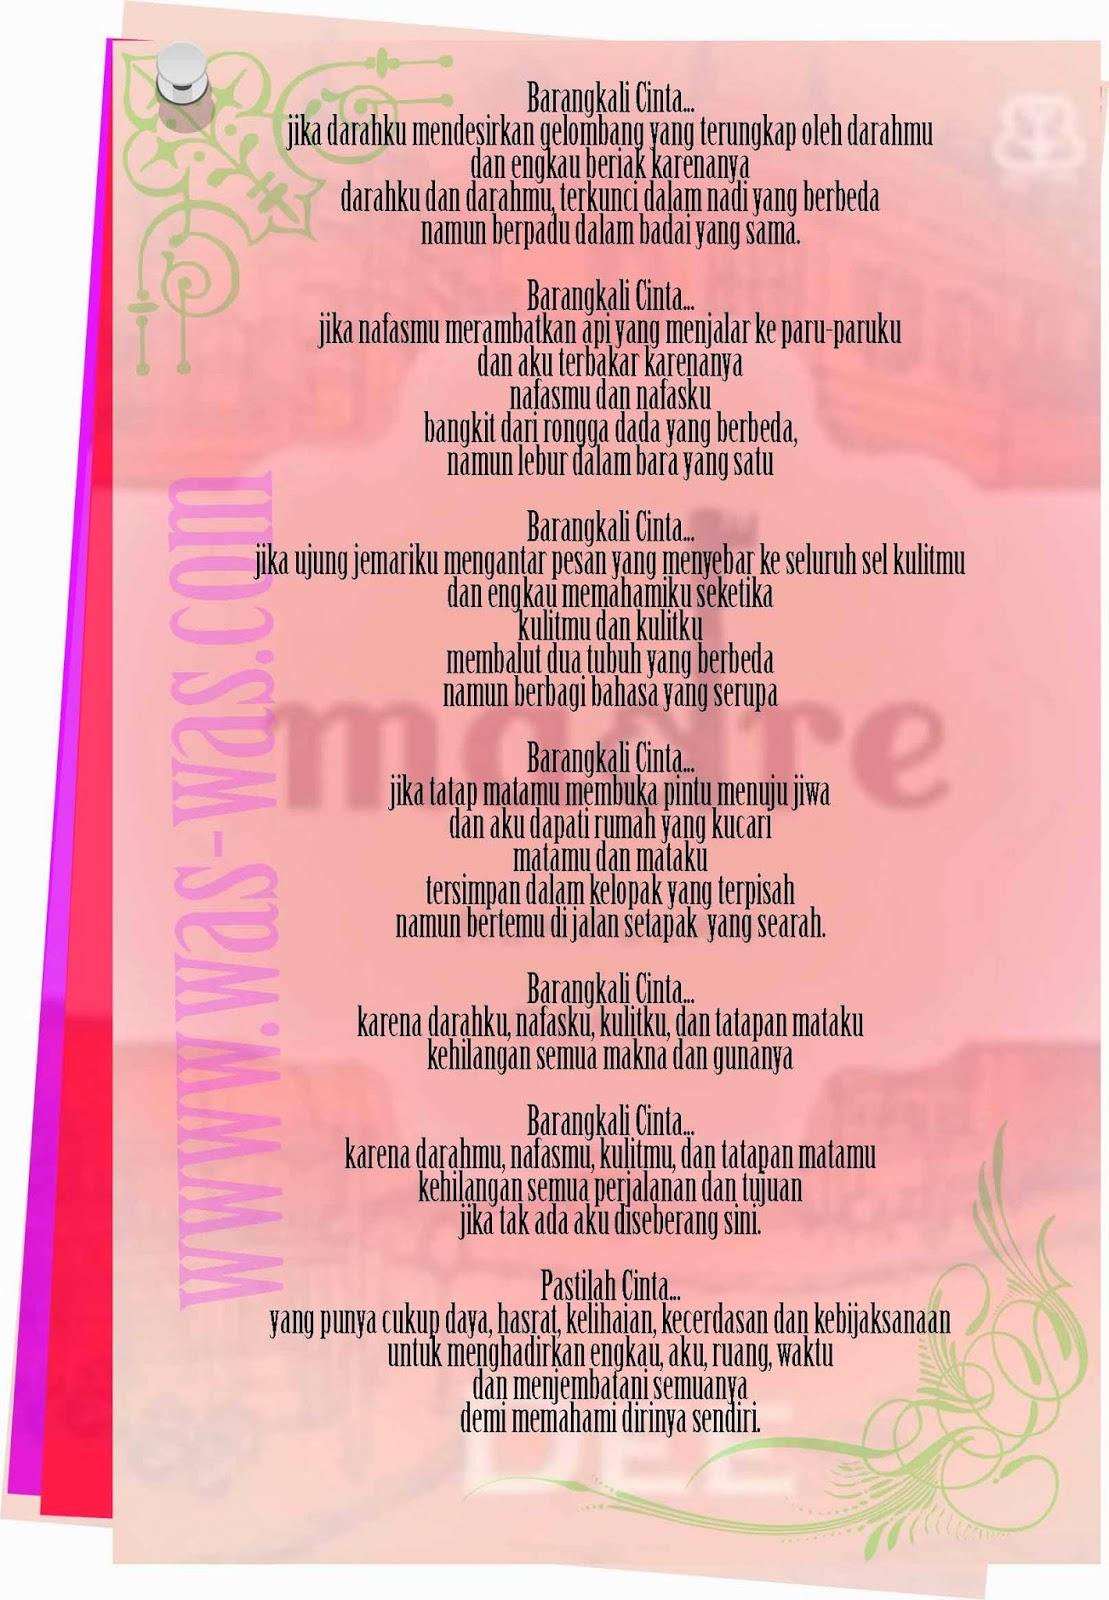 Puisi Barangkali Cinta Novel Madre - WAS-WAS.com - WAS-WAS.com